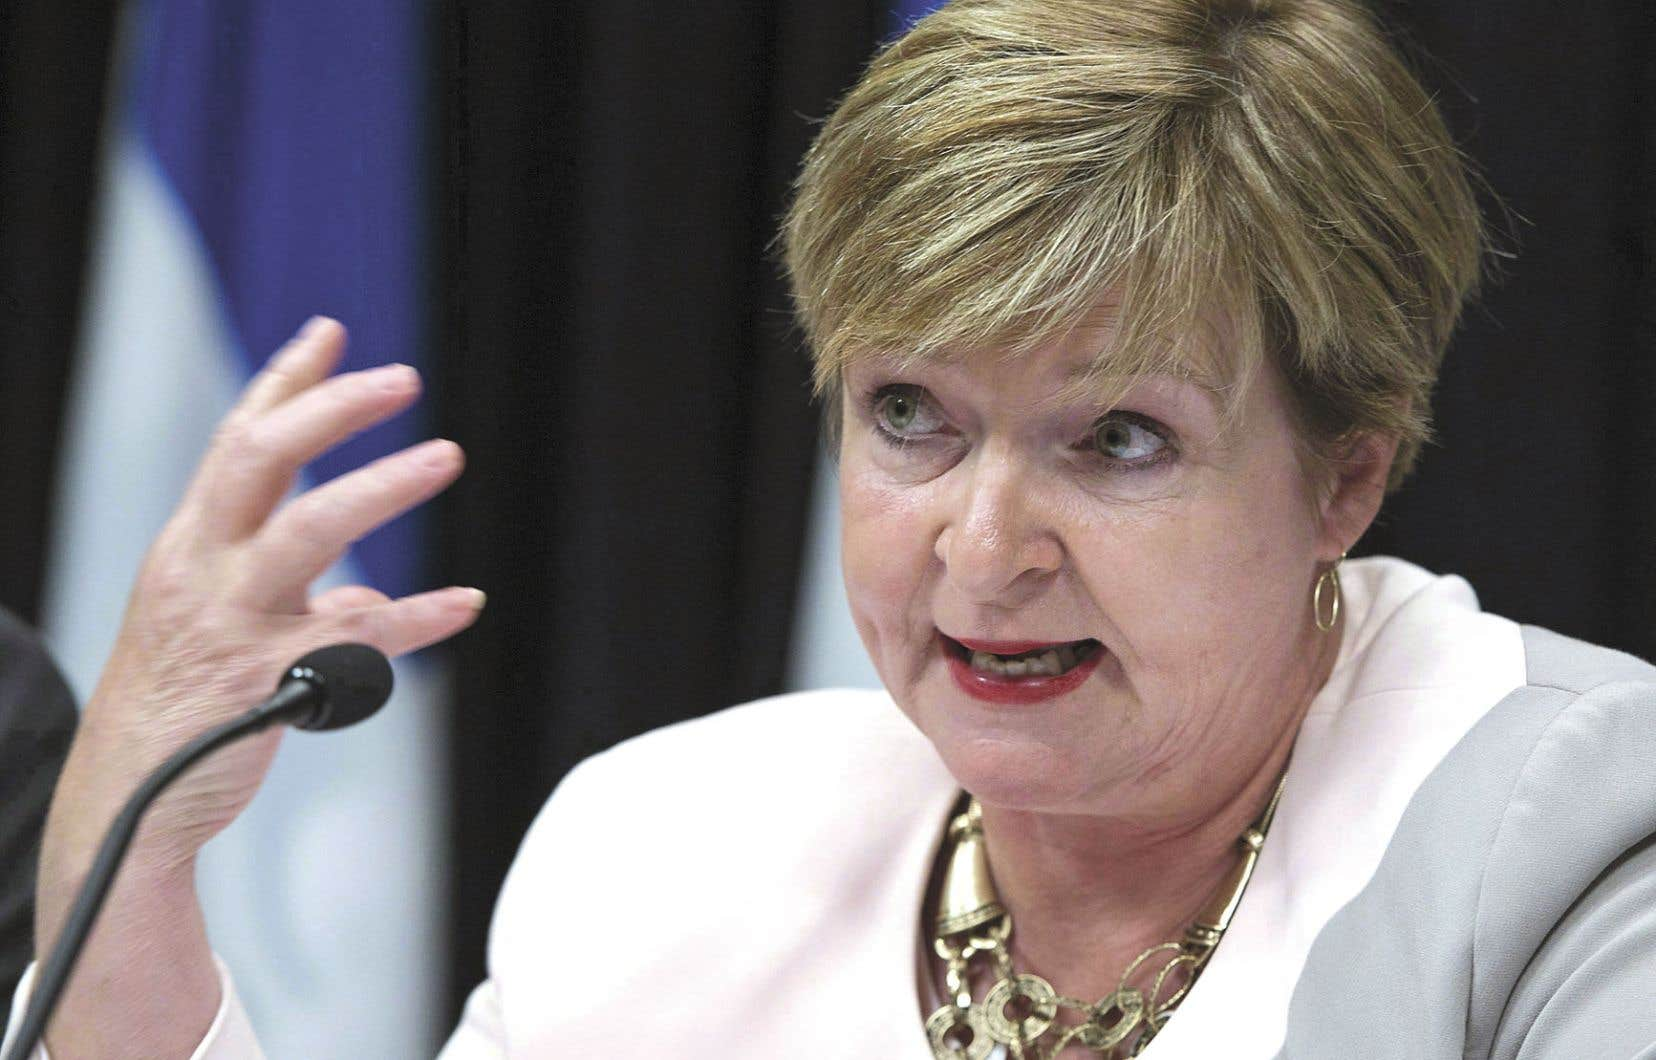 La vérificatrice générale du Québec, Guylaine Leclerc, juge plausibles les prévisions de dépenses et de revenus des trois prochaines années du ministre des Finances, Carlos Leitão.